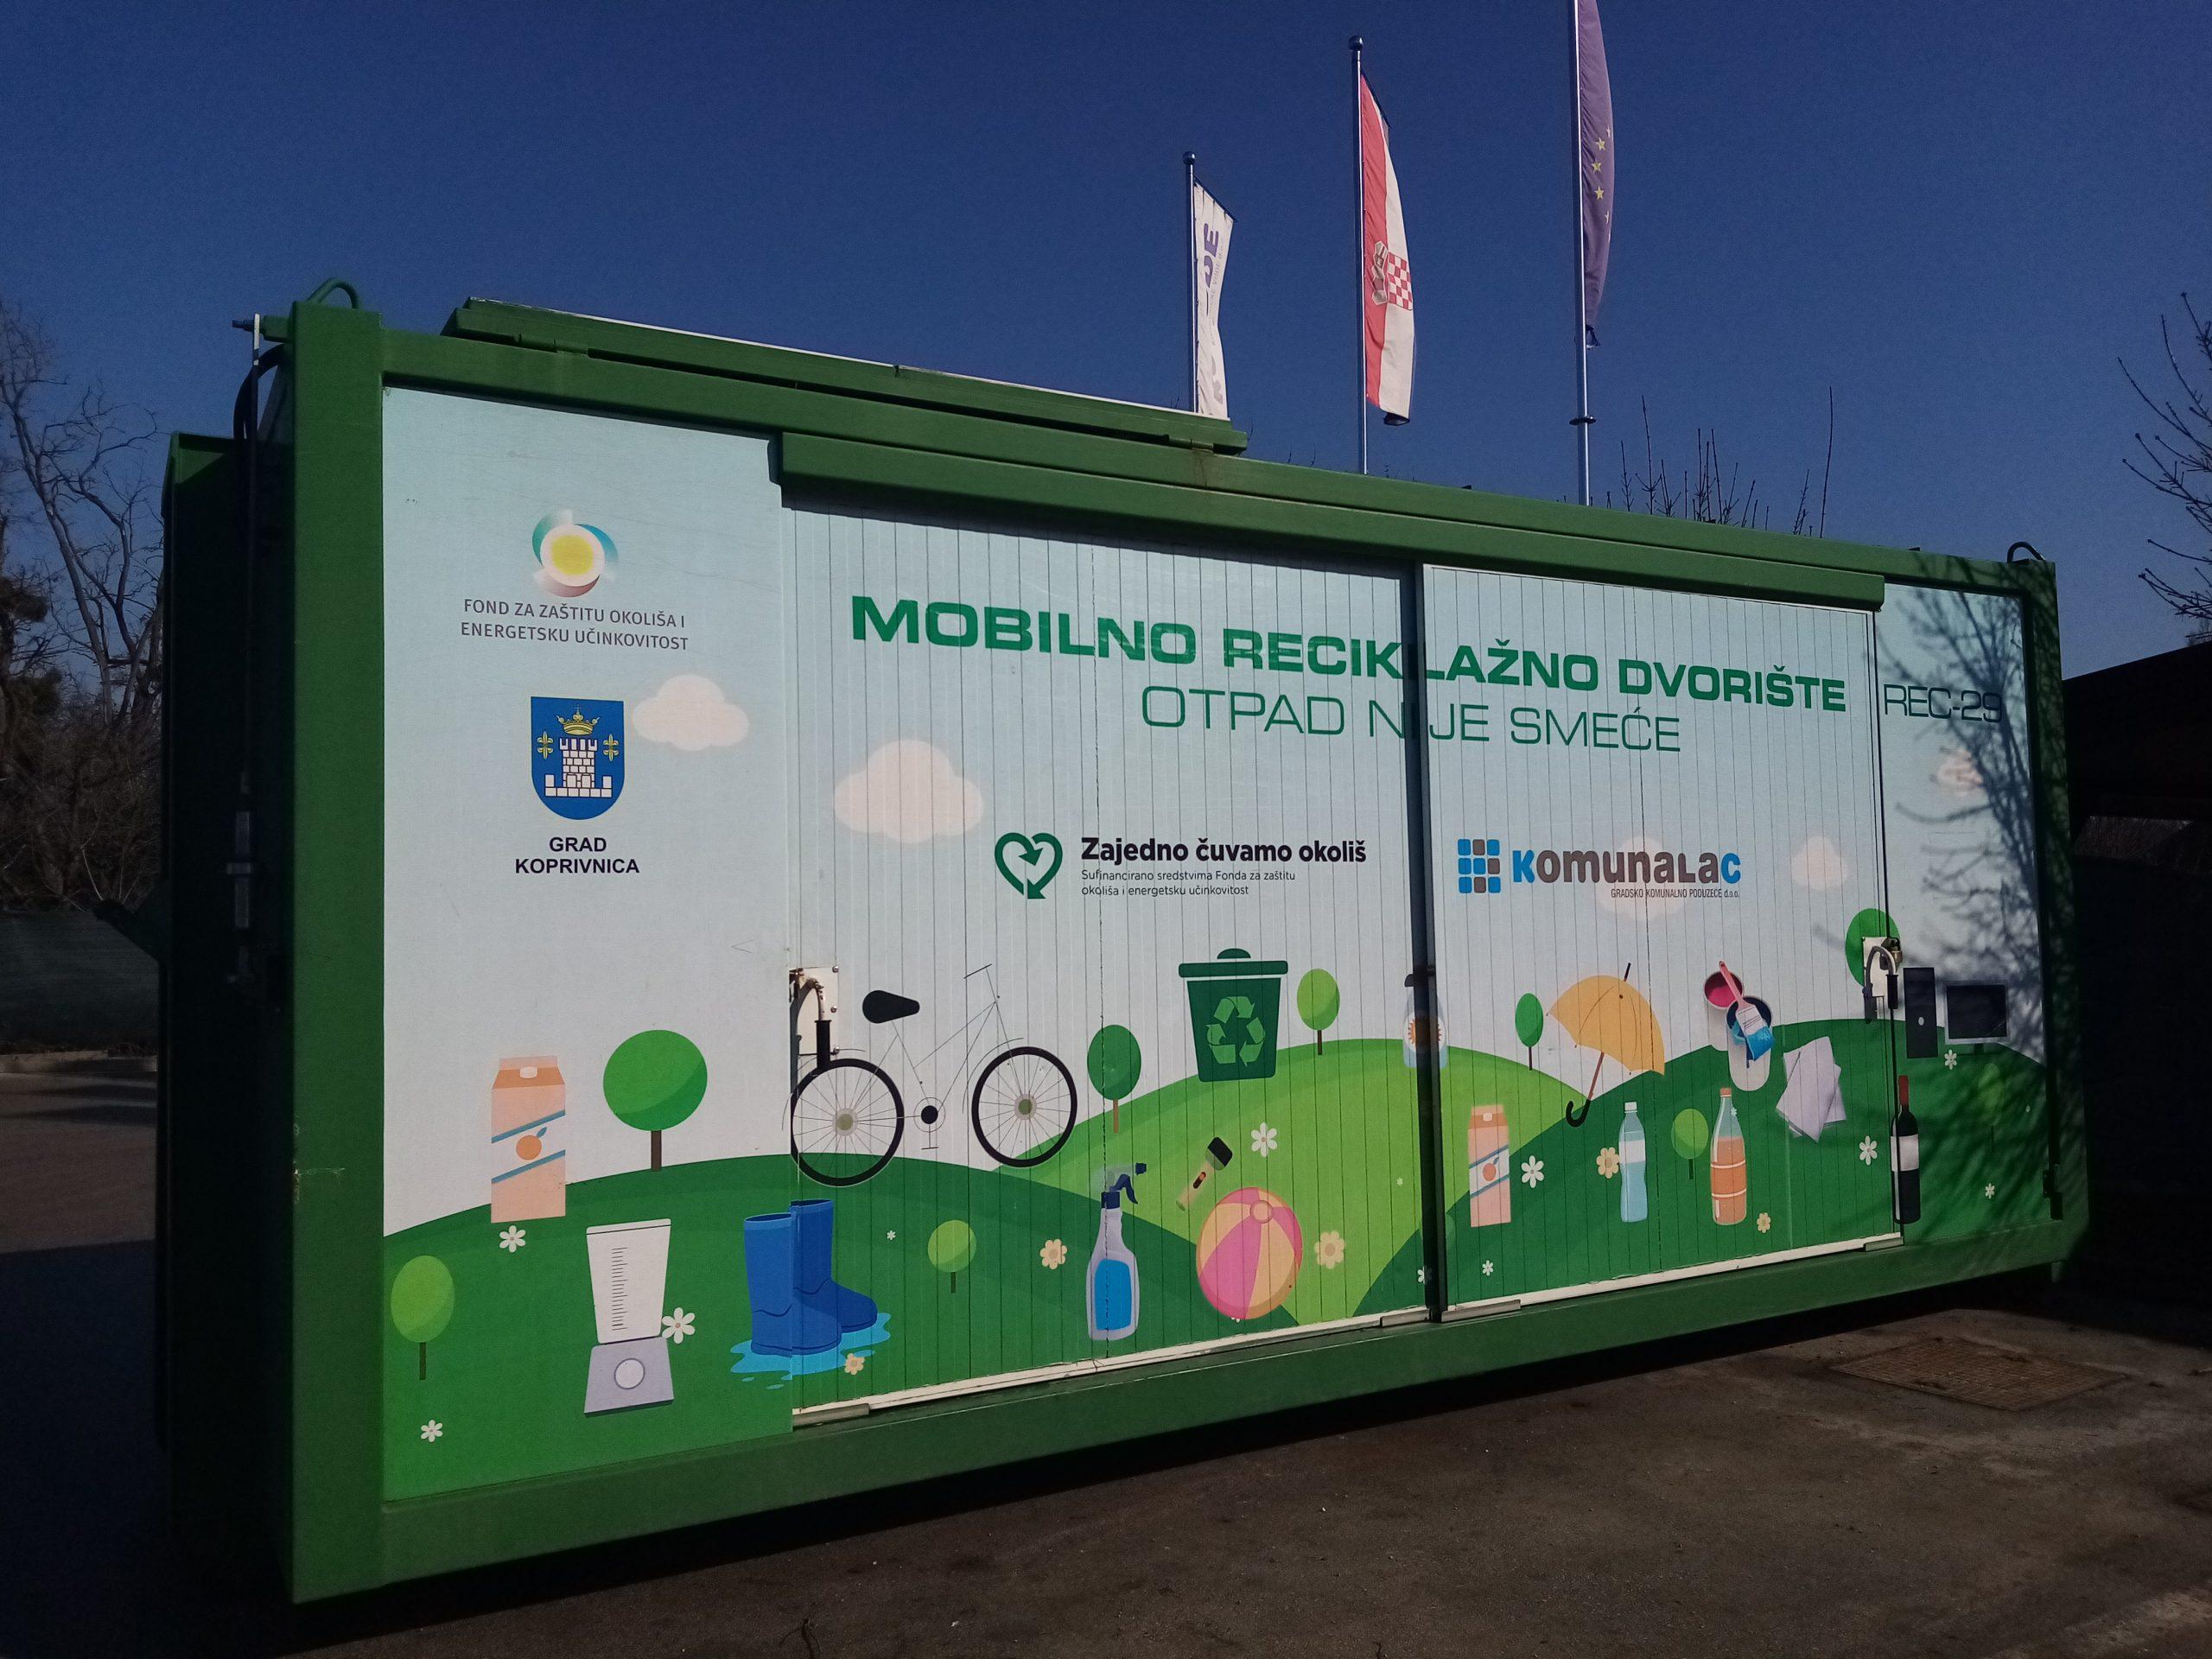 Mobilno reciklažno dvorište u četvrtak, 25. veljače, nalazit će se u Reki kod društvenog doma